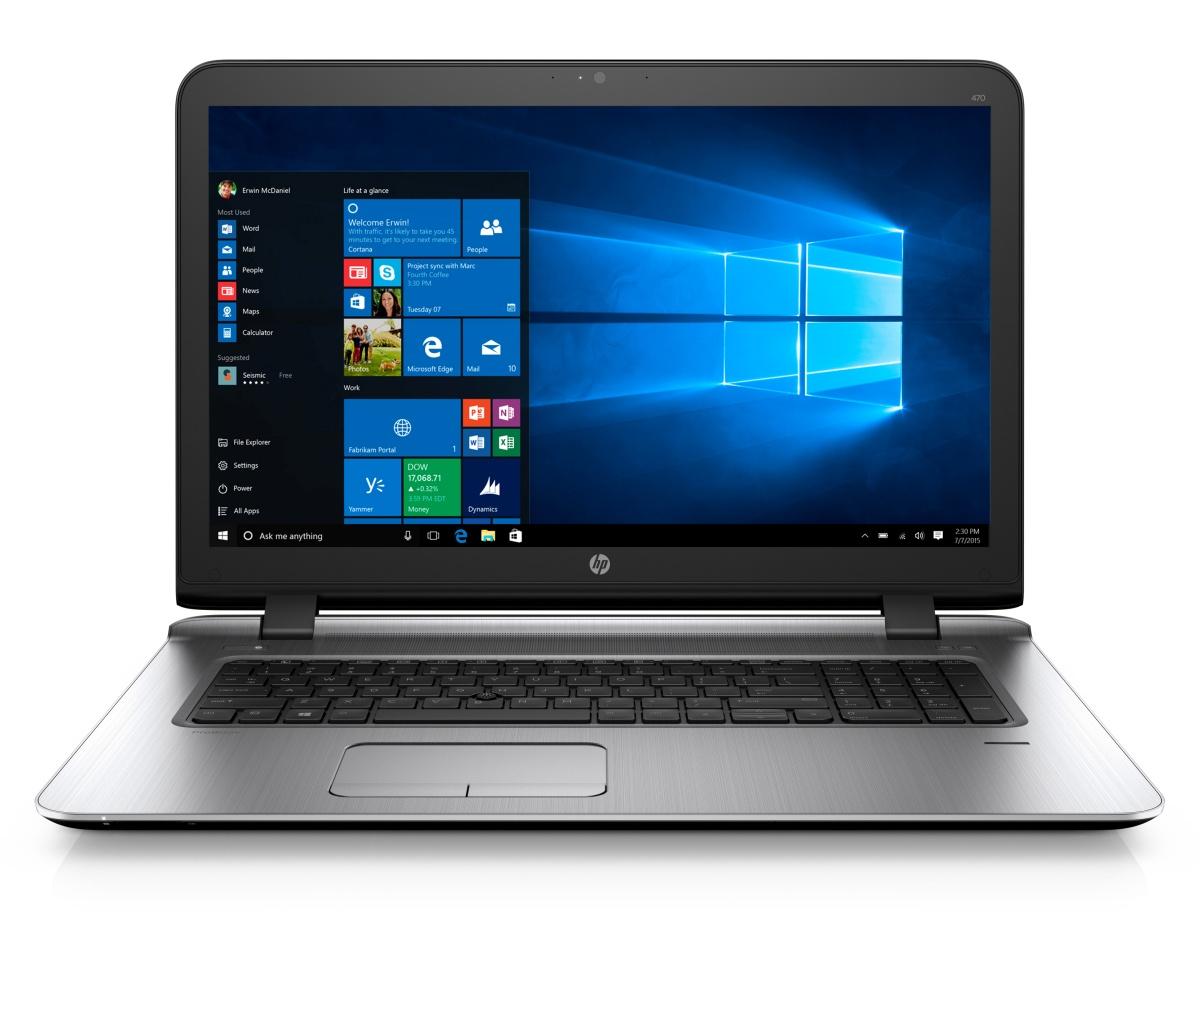 HP ProBook 470 G3 i5-6200U/4GB/256GB SSD + volný slot 2,5''/AMDR7M340/2G/17,3'' FHD/Win 10 Pro + Win 7 Pro